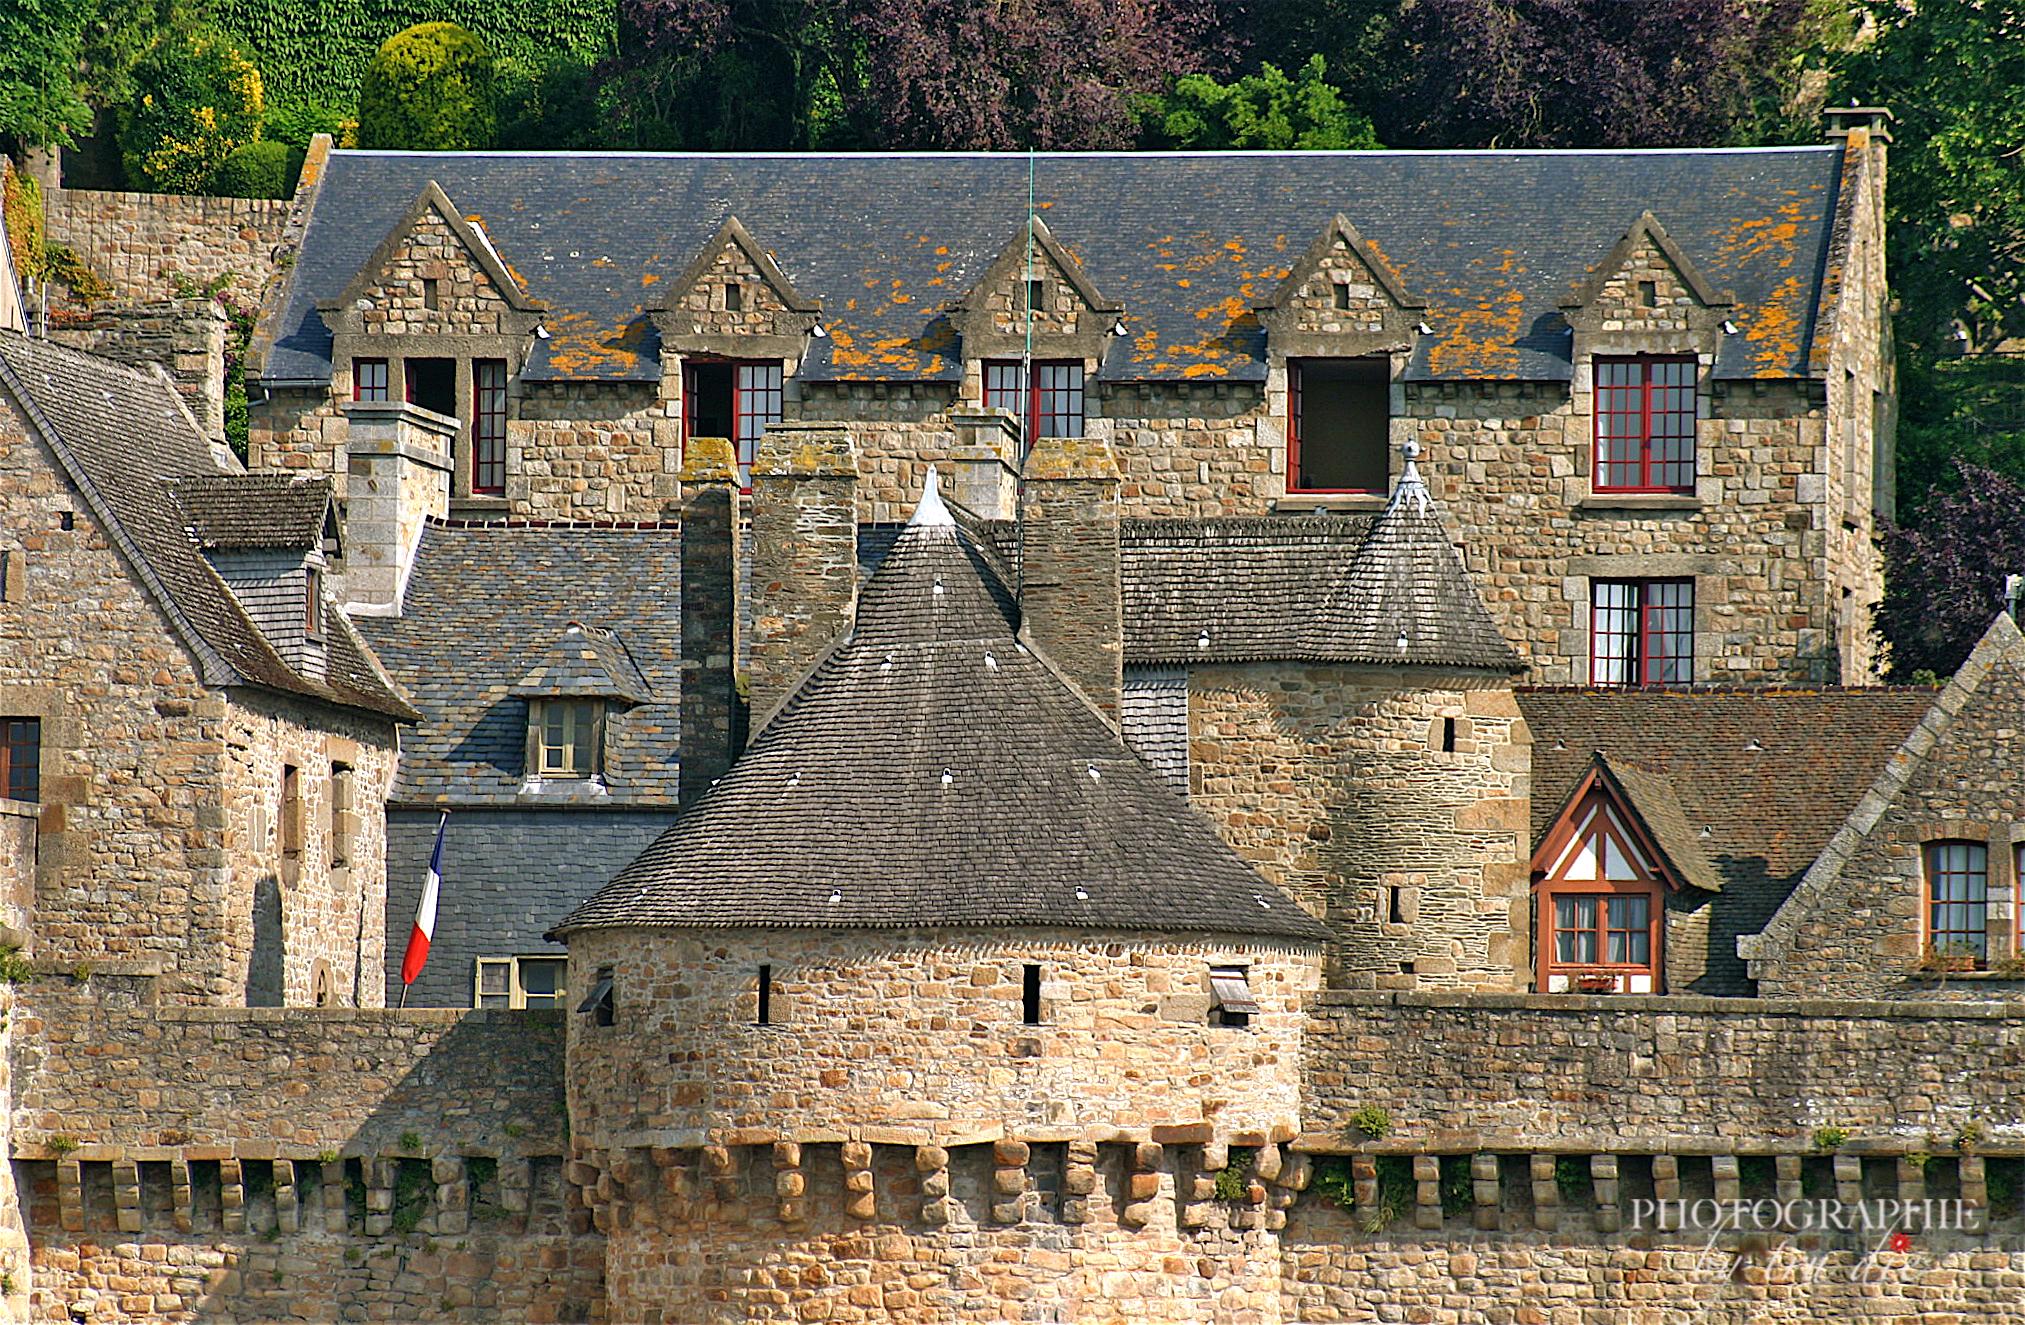 Bild: Ausblicke in den Straßen von Mont-Saint-Michel